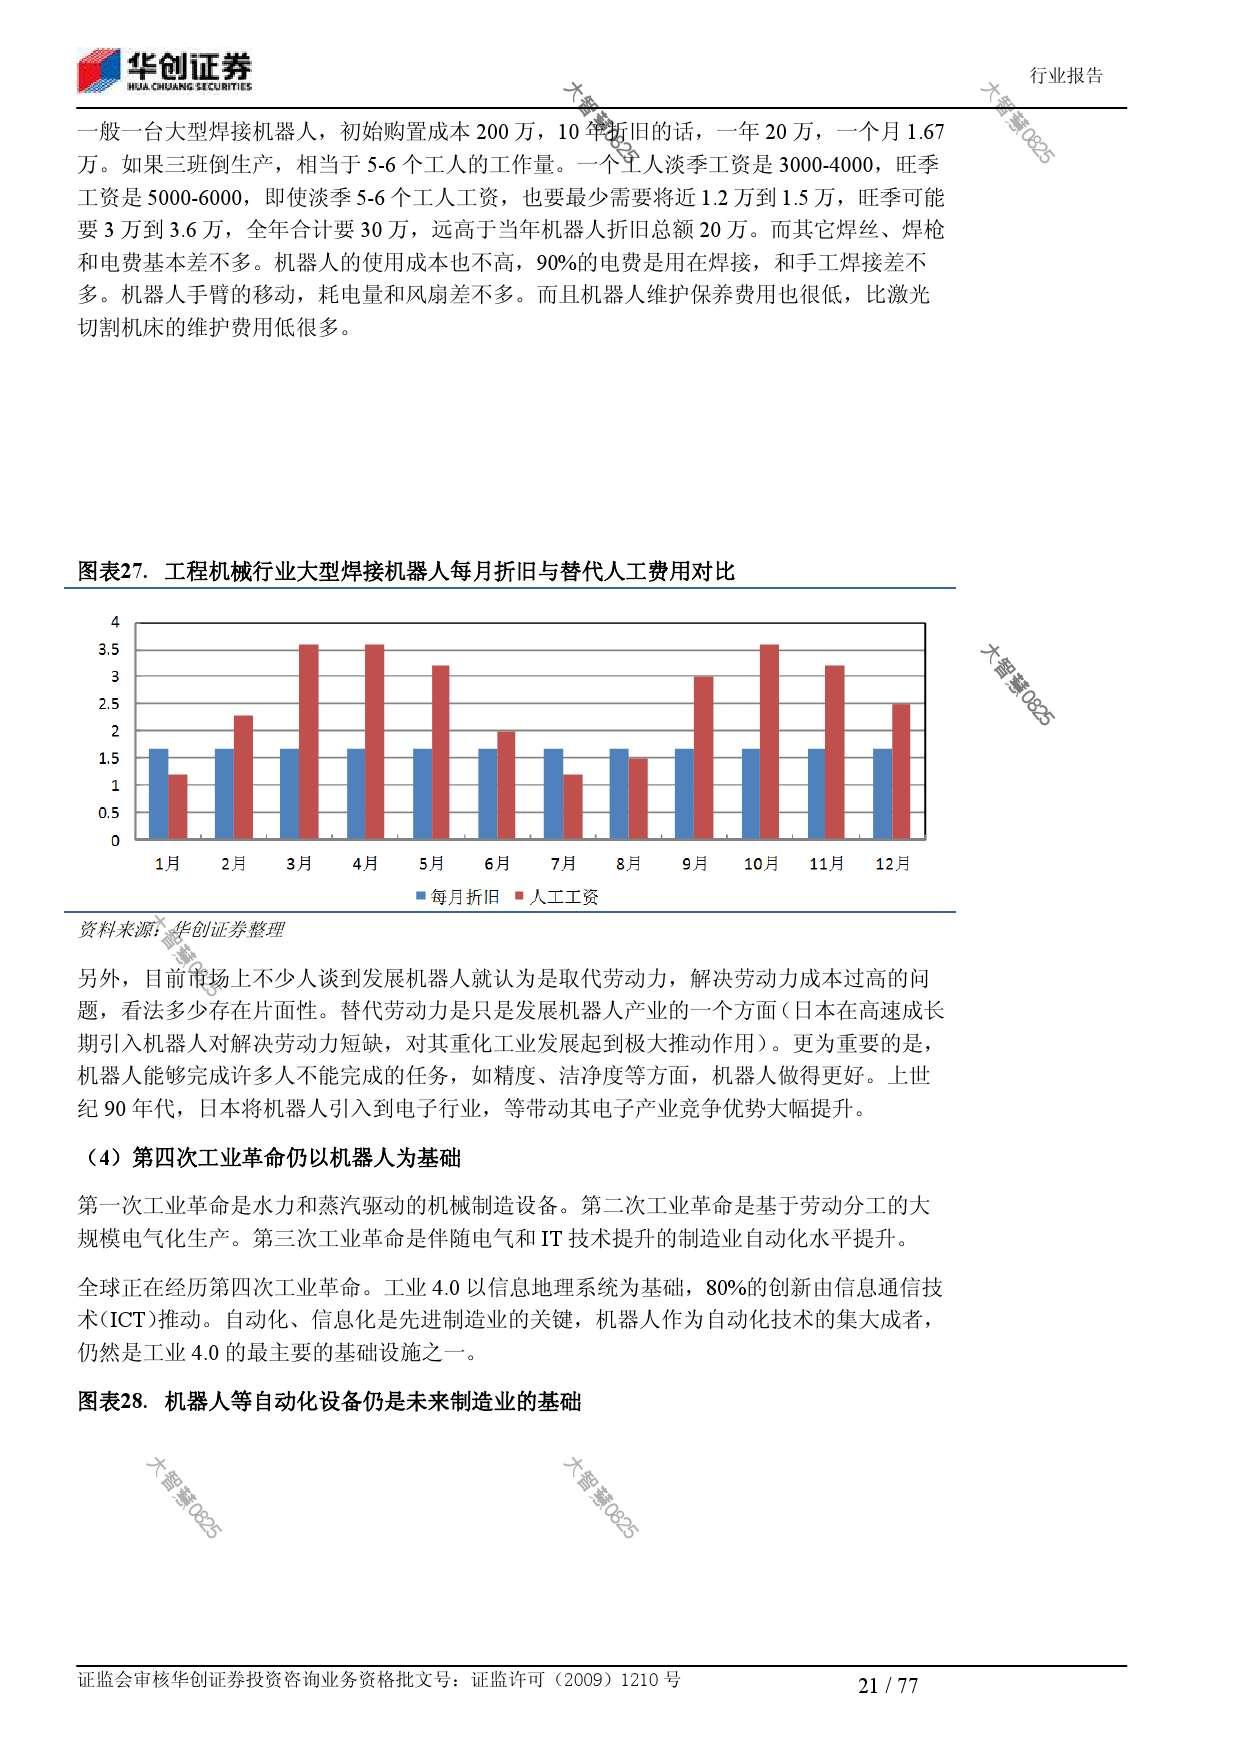 行业研究_华创证券_刘国清,鲁佩_机械设备:机器人大趋势_2014021_000021